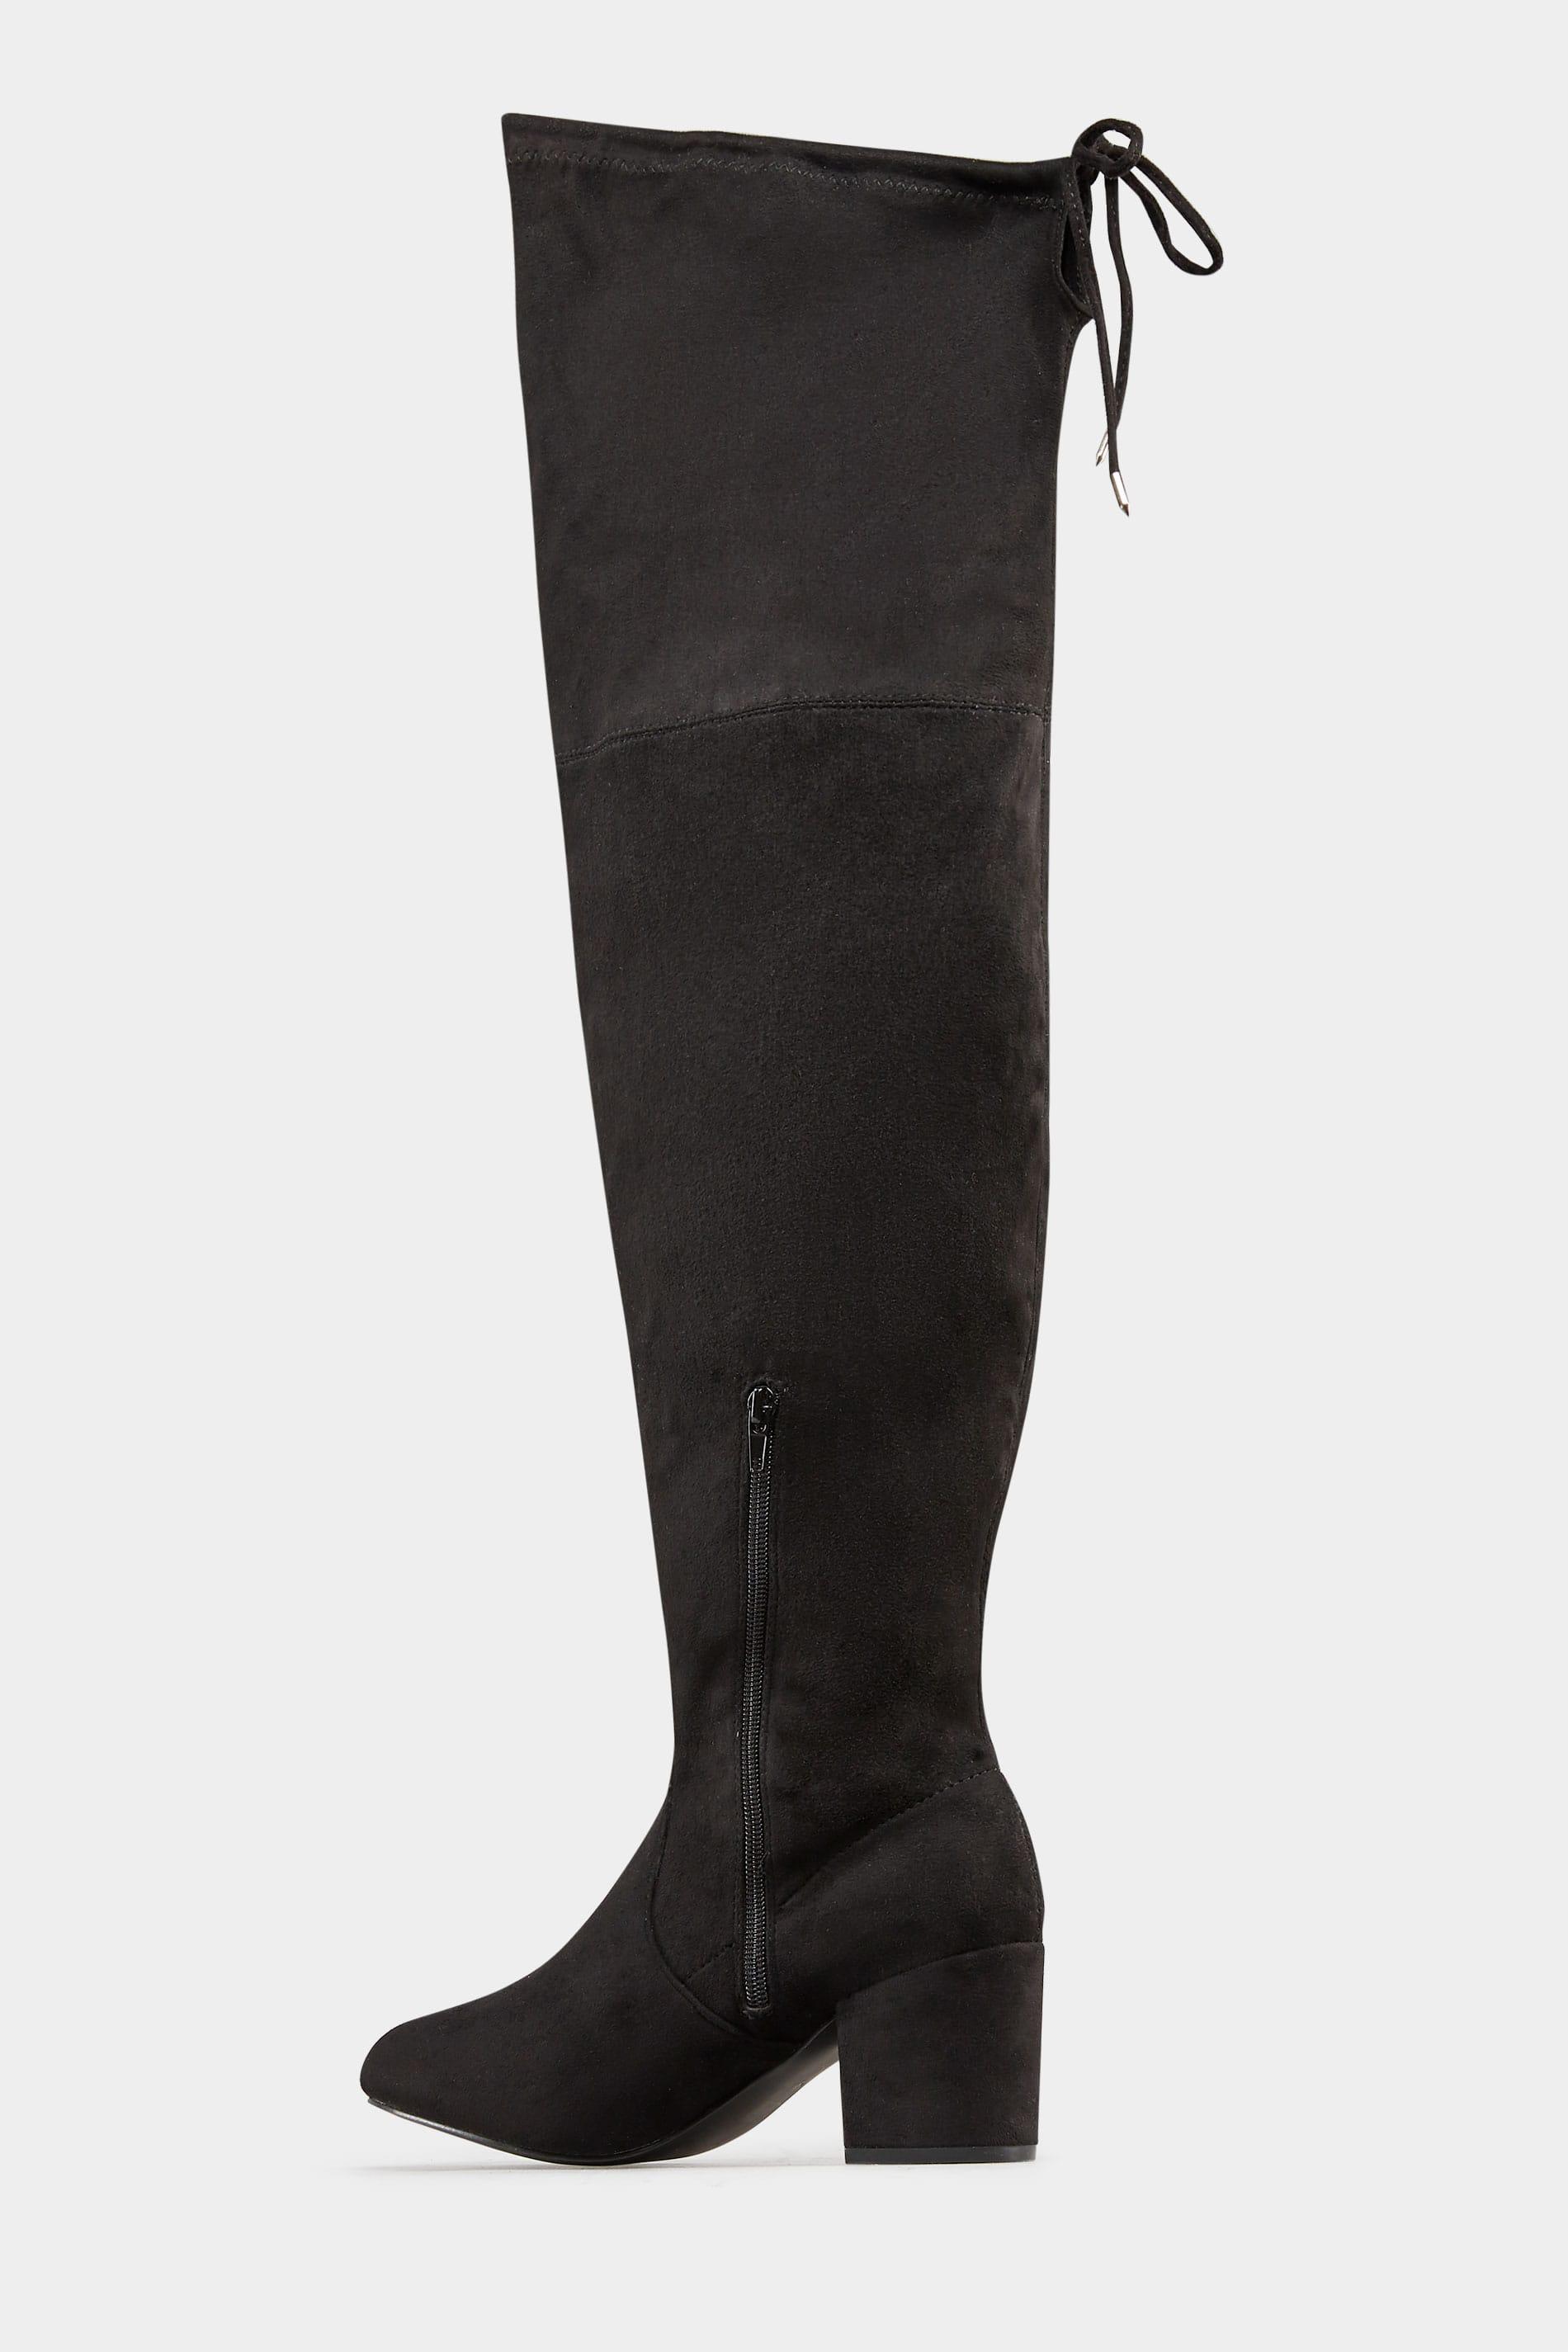 heiß-verkauf freiheit attraktive Farbe Sonderangebot Schwarze Over Knee Stiefel mit weiter Passform EEE Fit